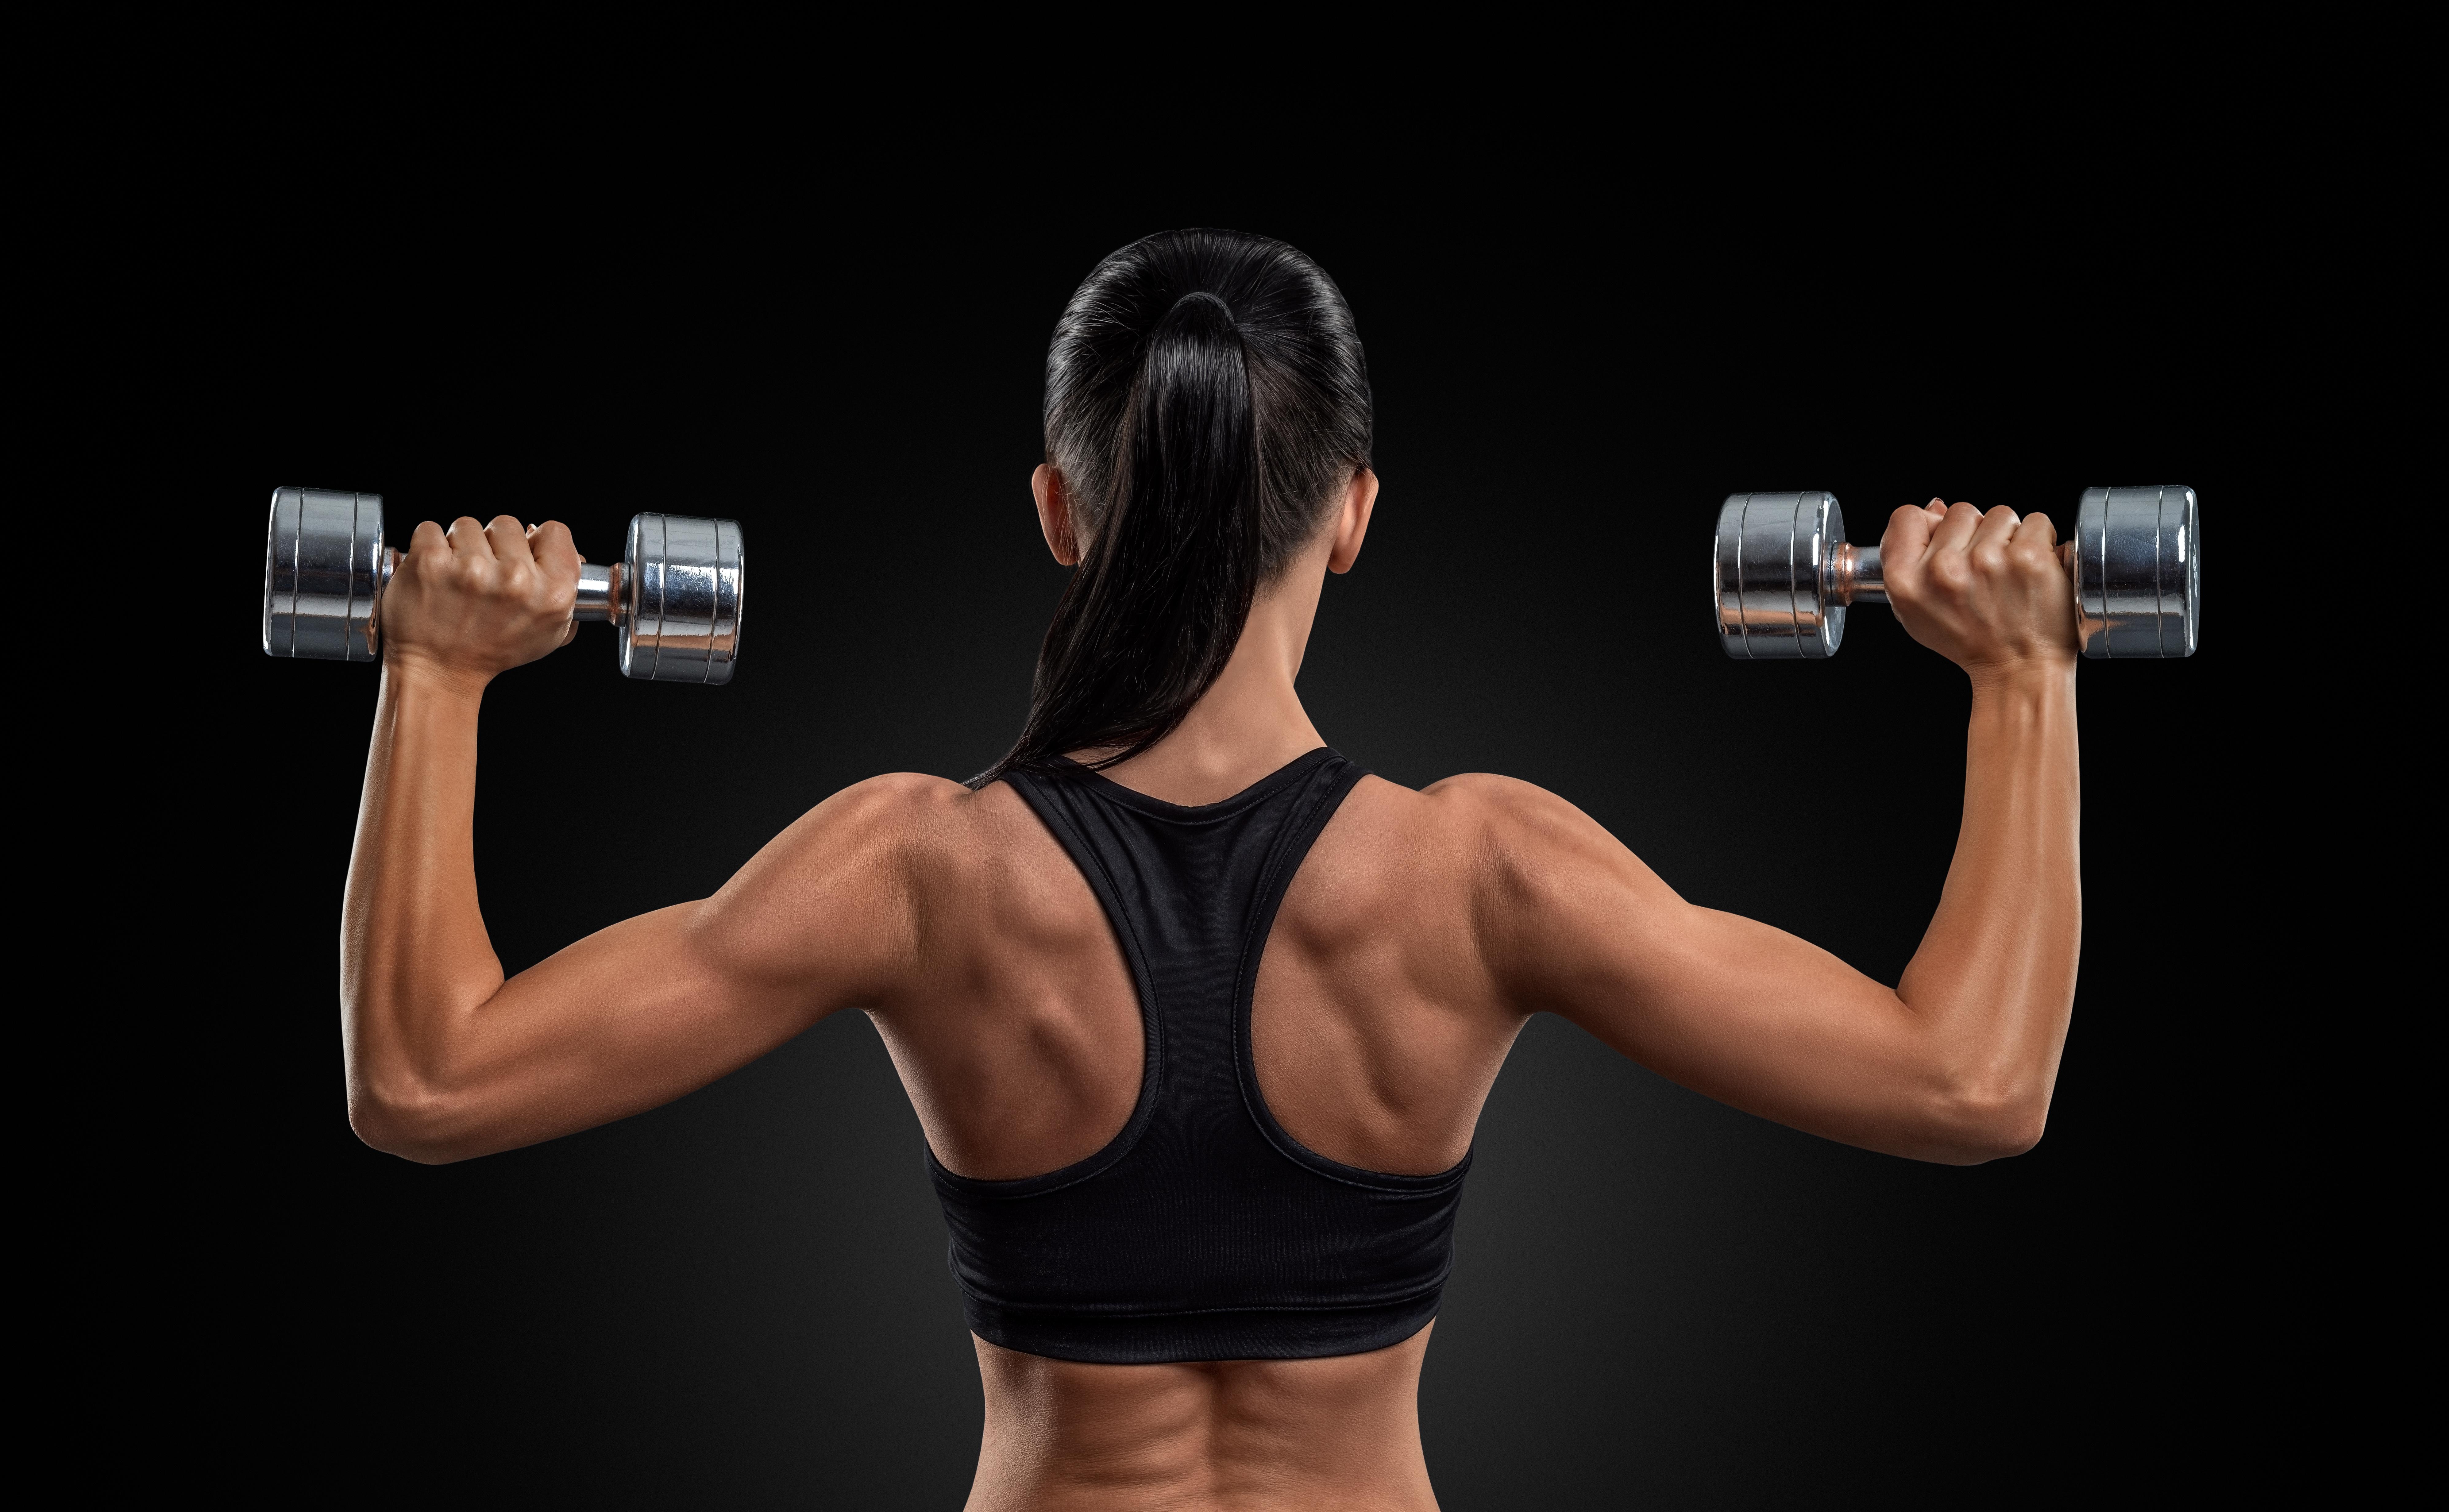 Wunderwerk Mensch! Wusstest du schon, dass du bis zum Alter von 65 Jahren ca. die Hälfte deiner Muskelmasse verlierst?